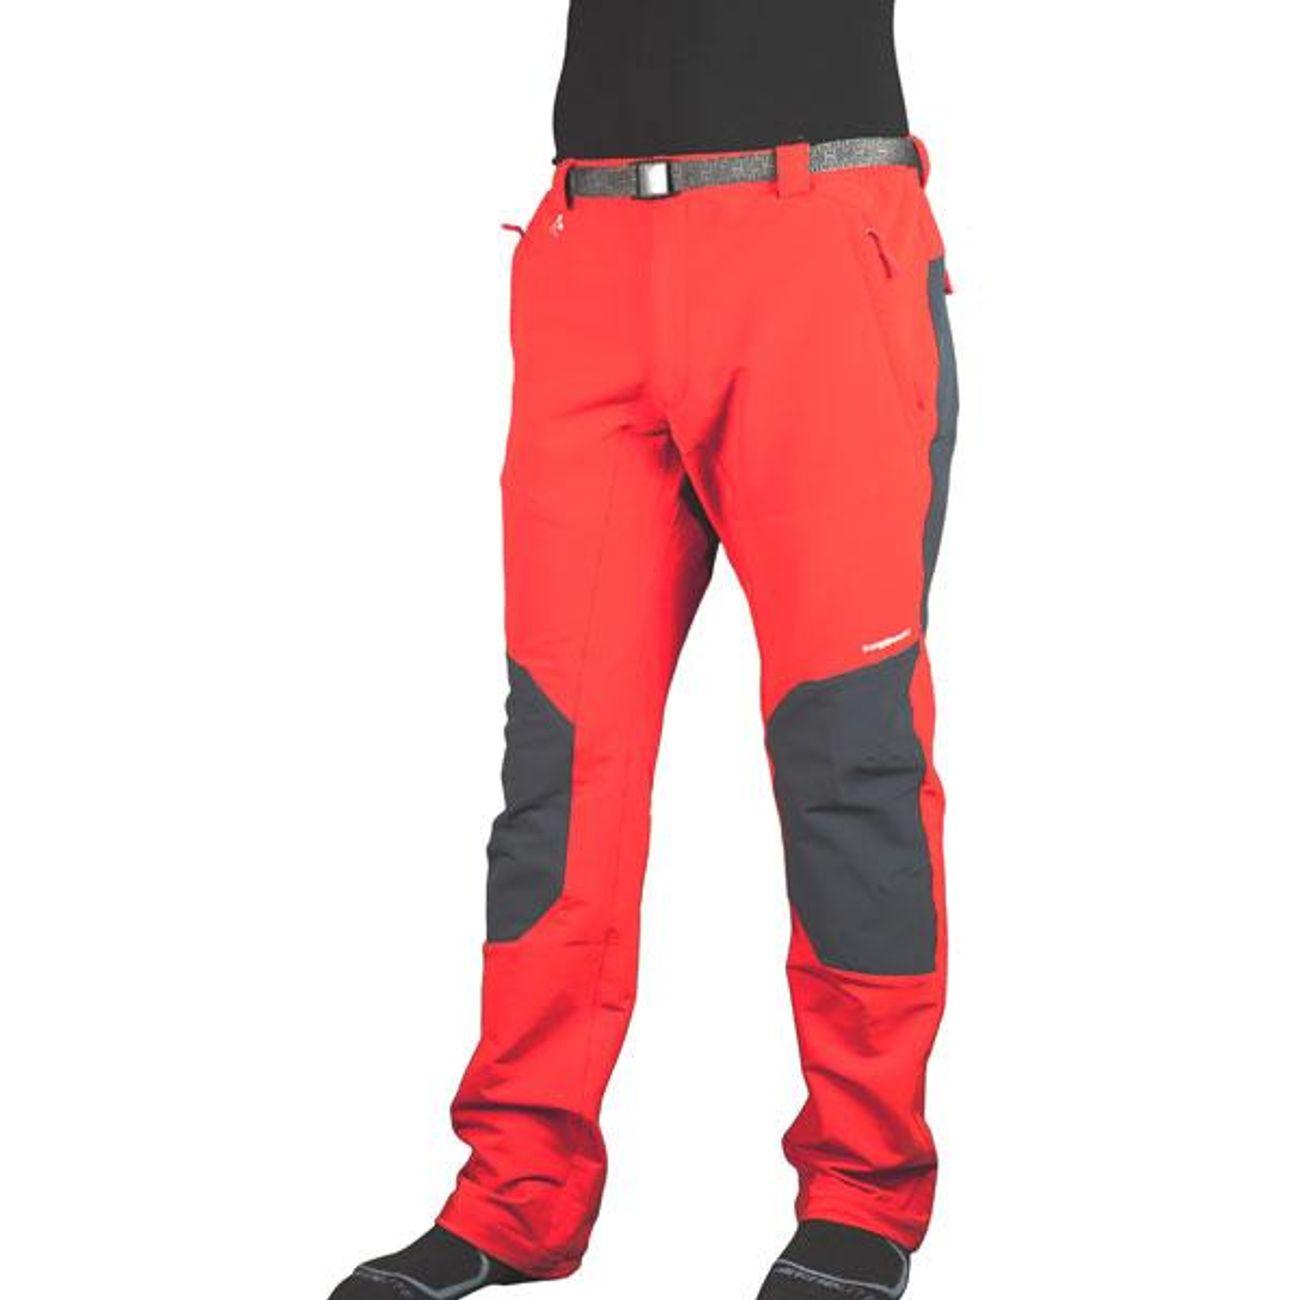 Trangoworld Pantalons Pas Cher – Achat Go Et Geres Sport Prix wmnyvN80O